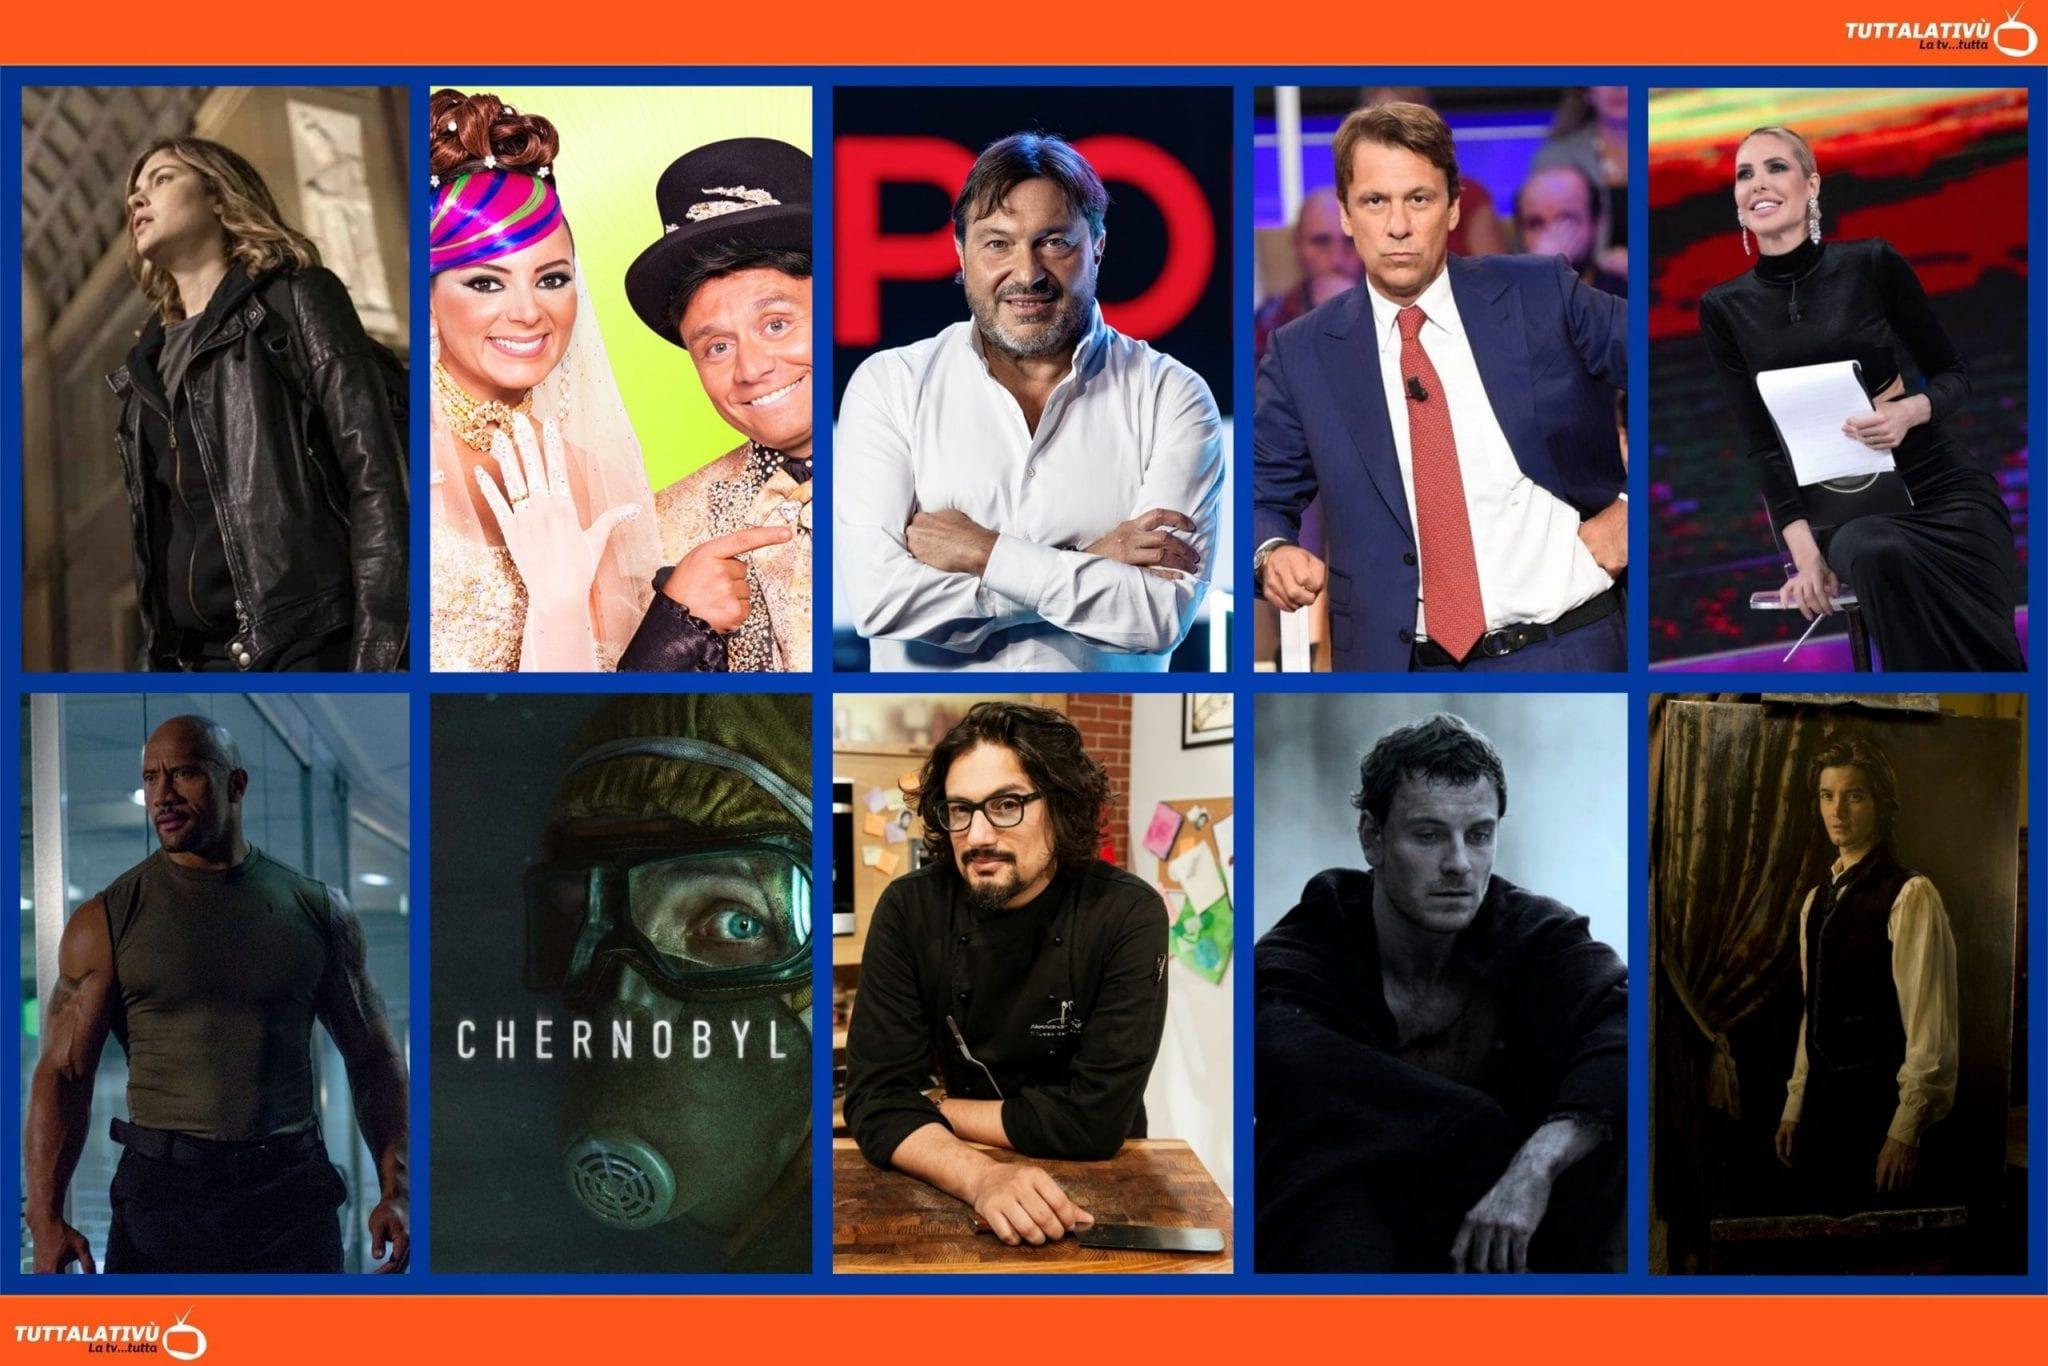 GuidaTV 26 Aprile 2021 · La fuggitiva, L'isola dei famosi, Report, Quarta Repubblica, la serie Chernobyl, Quattro Ristoranti, Centurion, Dorian Gray